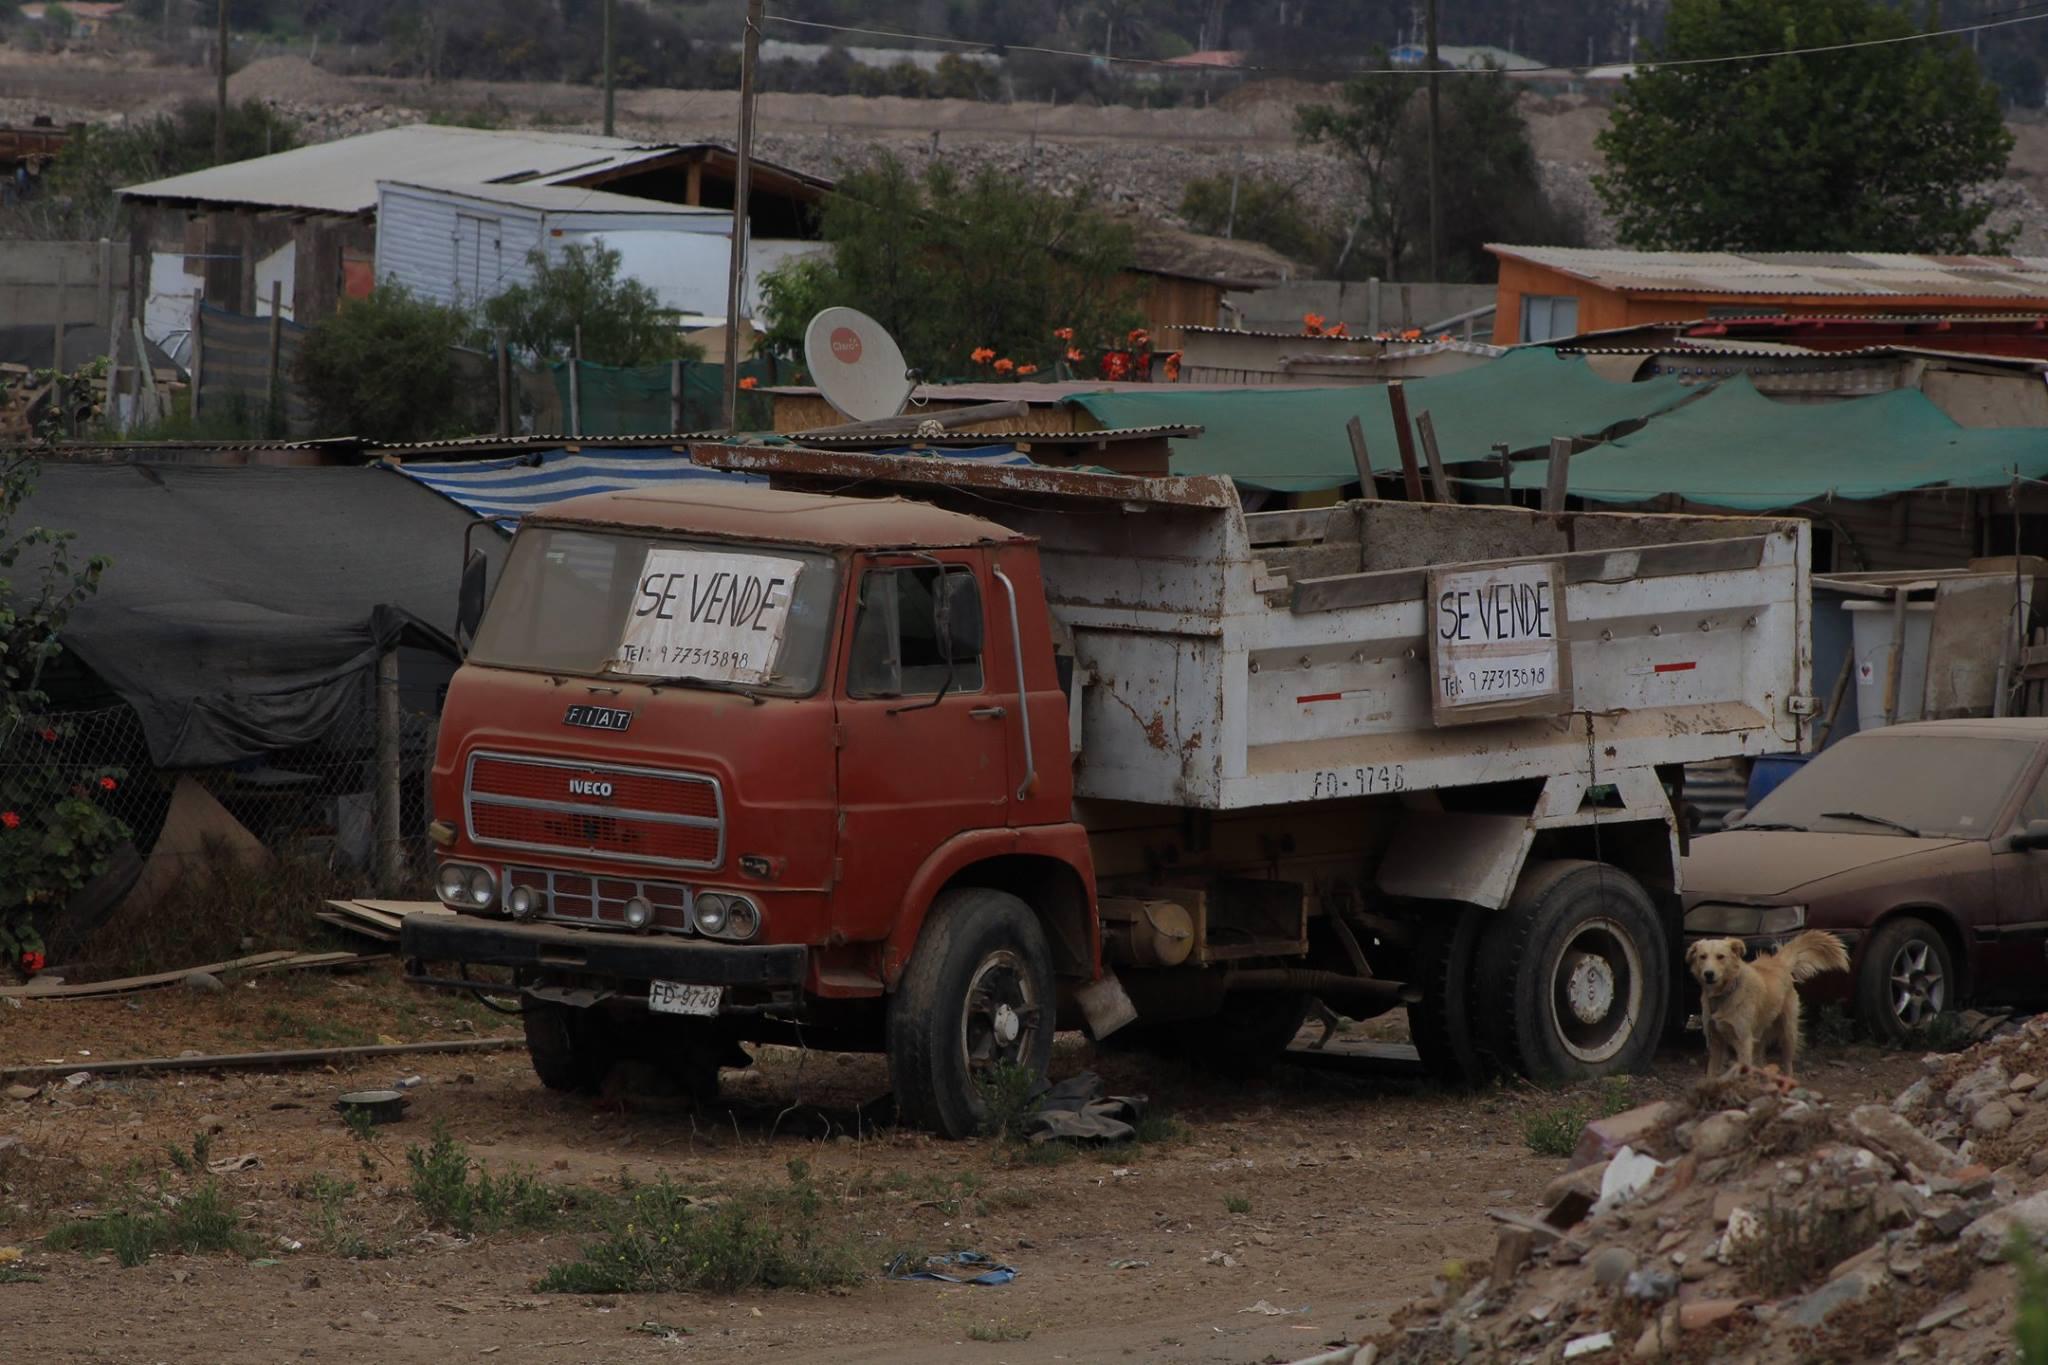 Camiones-vieja-escuela-olvidados-5